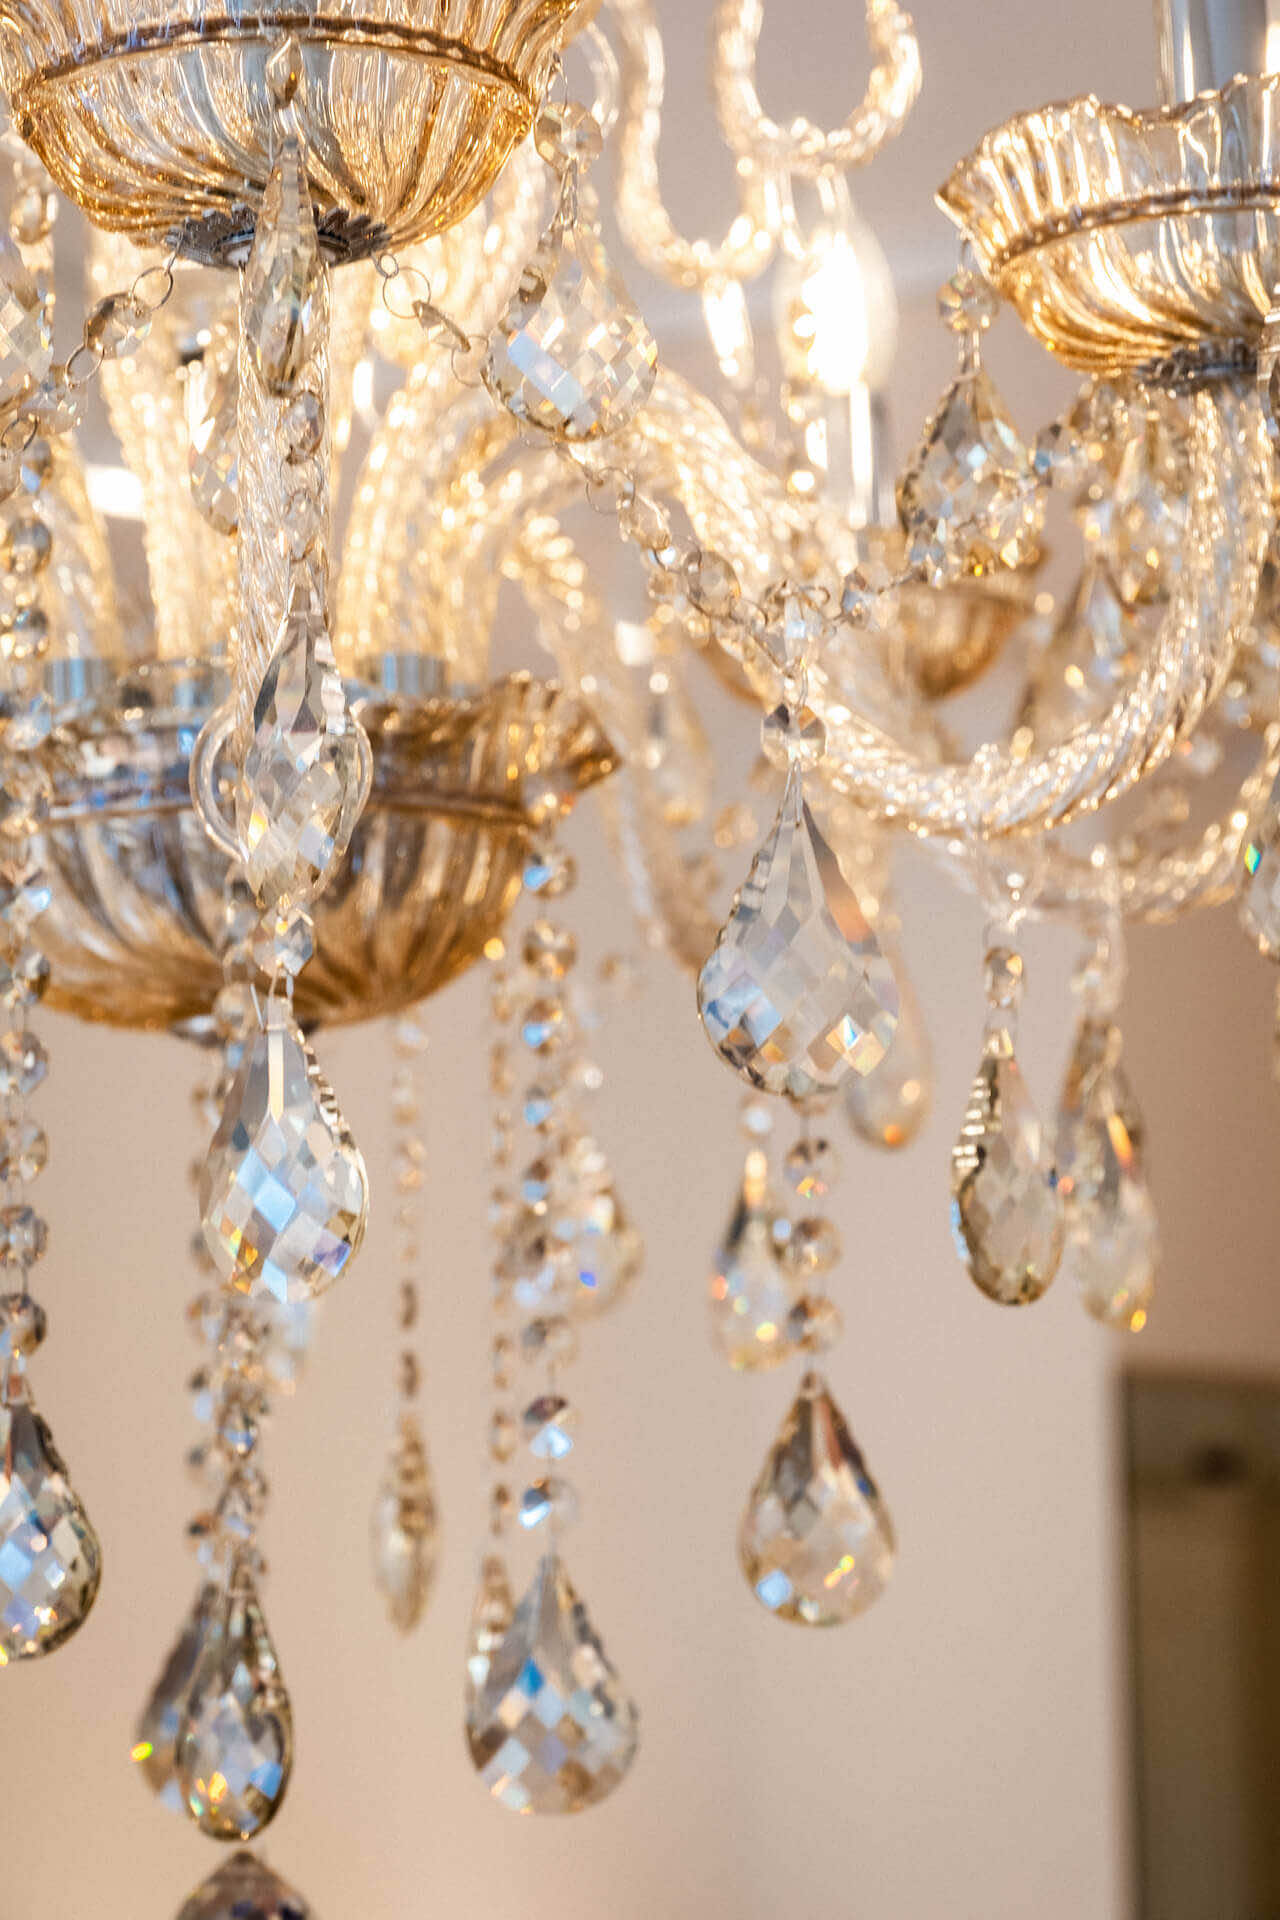 Ladenbeleuchtung Kronleuchter | Leuchten Lukassen